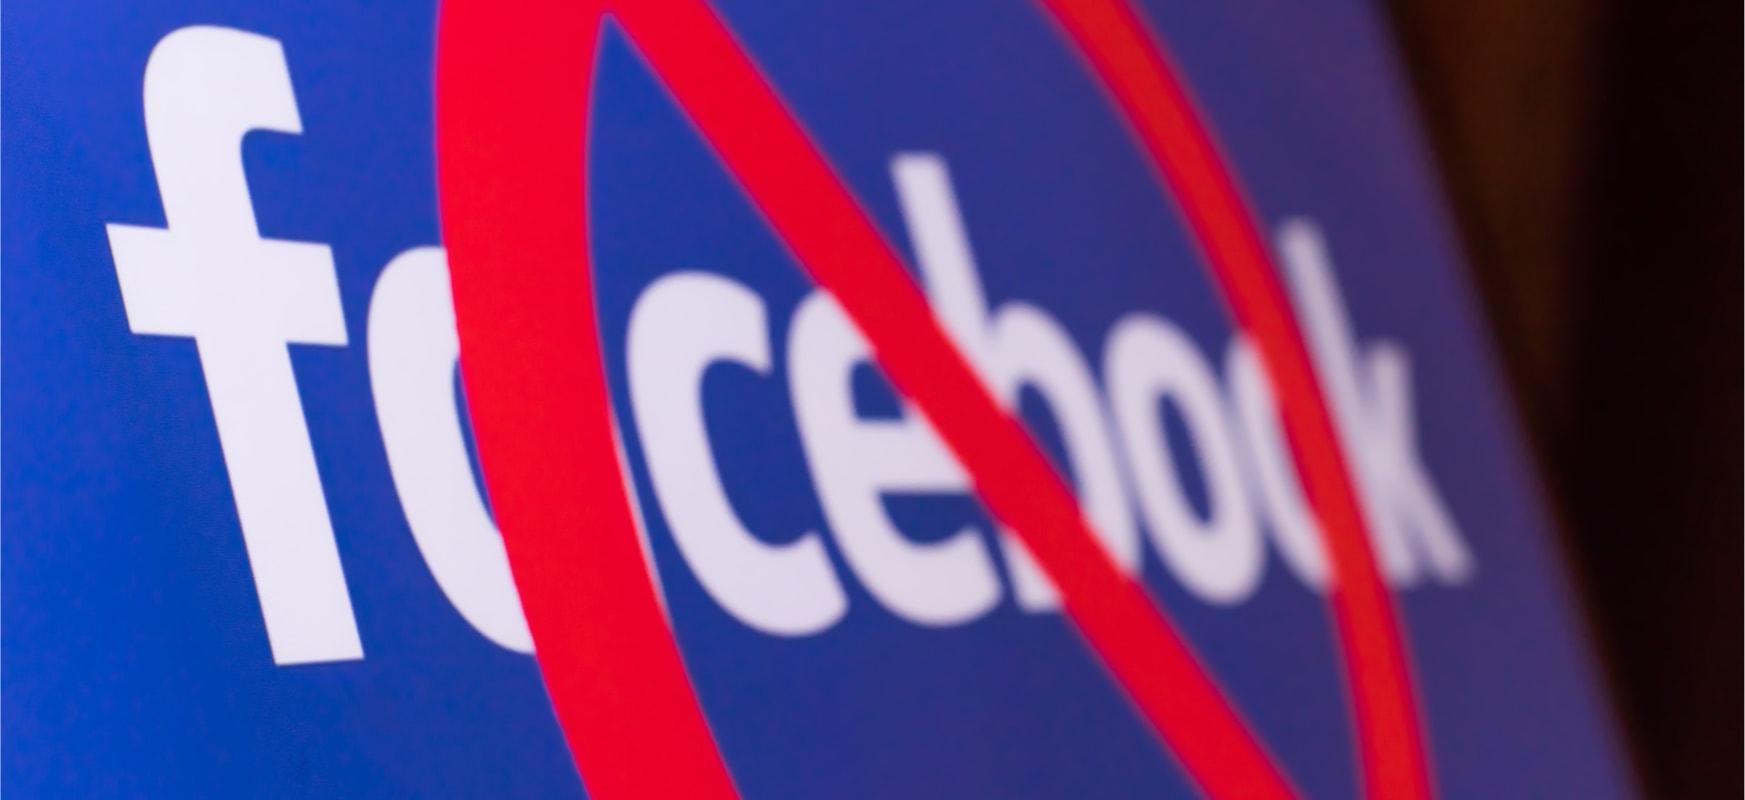 New Facebook dagoeneko hemen dago, baina ez da denek gustuko.  Nola desaktibatu erakusten dizugu